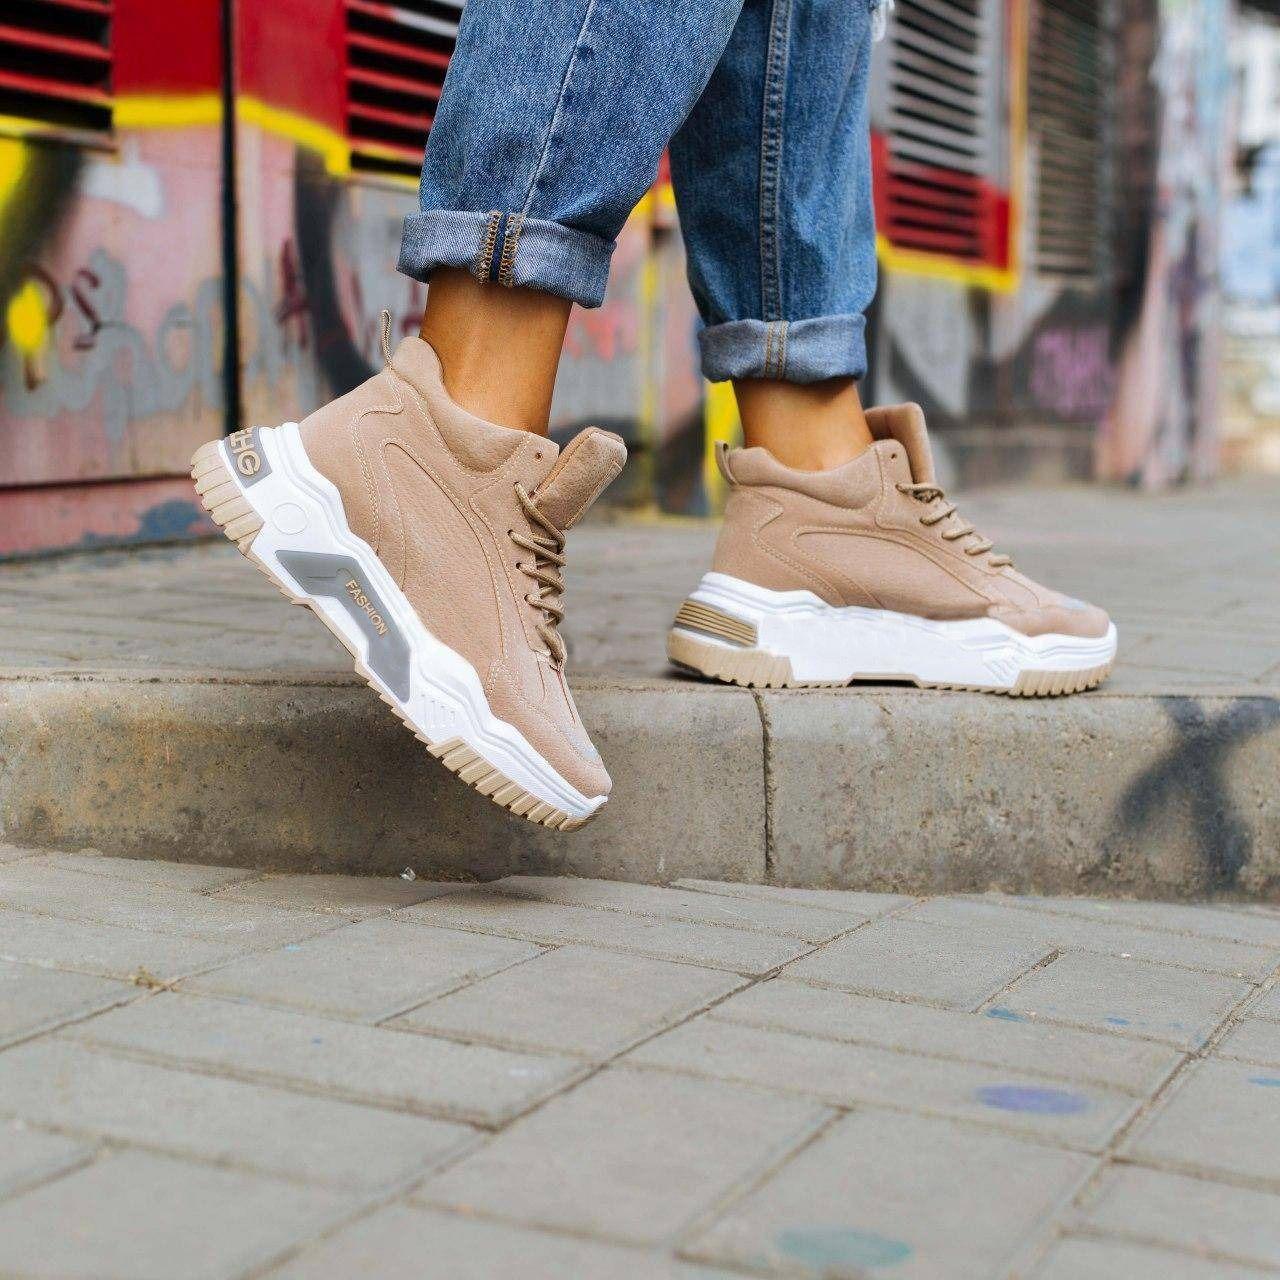 Женские высокие кроссовки на толстой подошве (Бежевые)